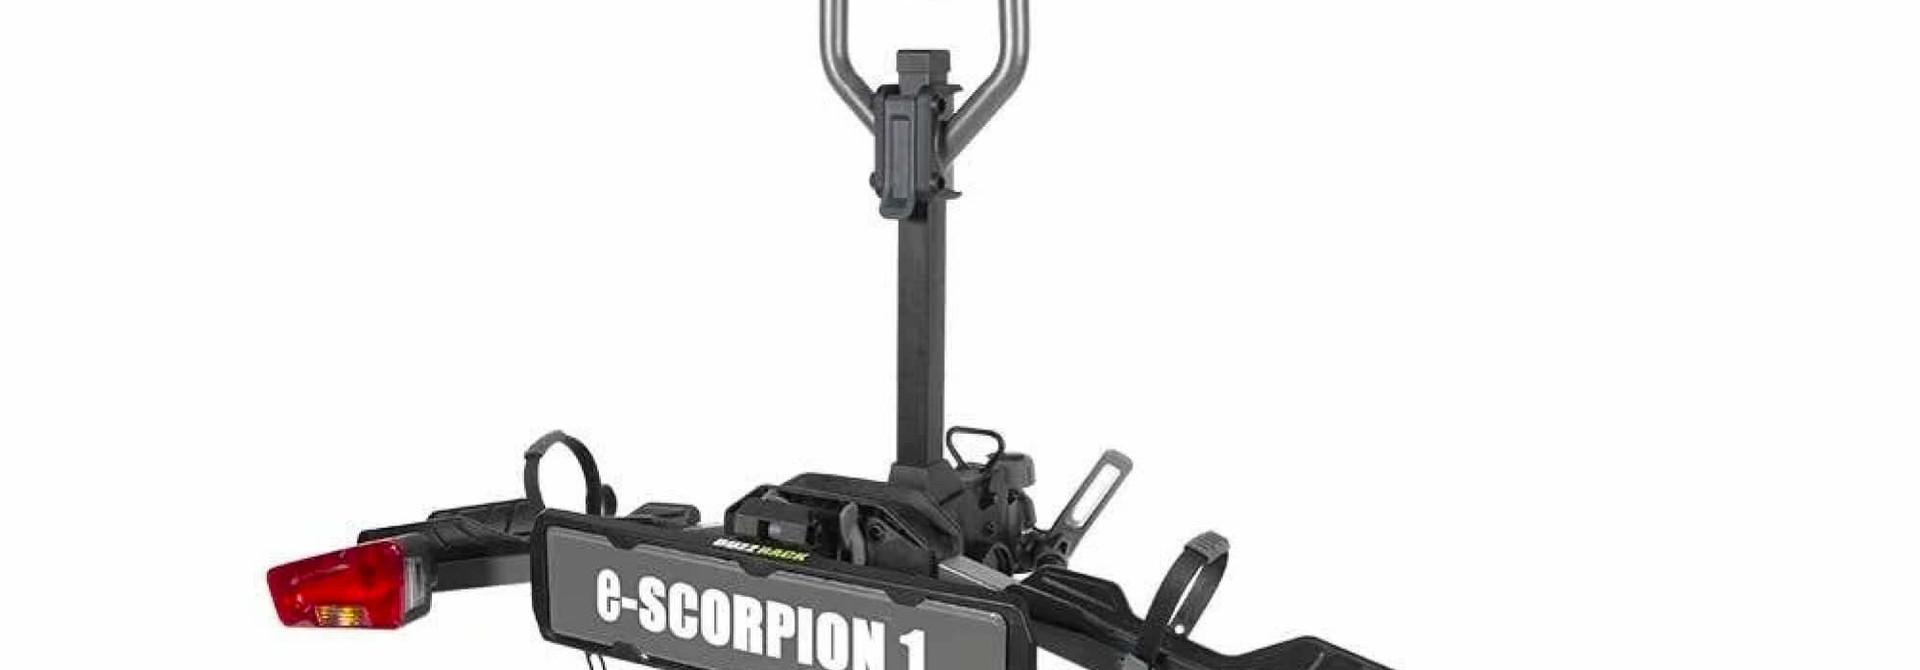 E-Scorpion for 1 Bike